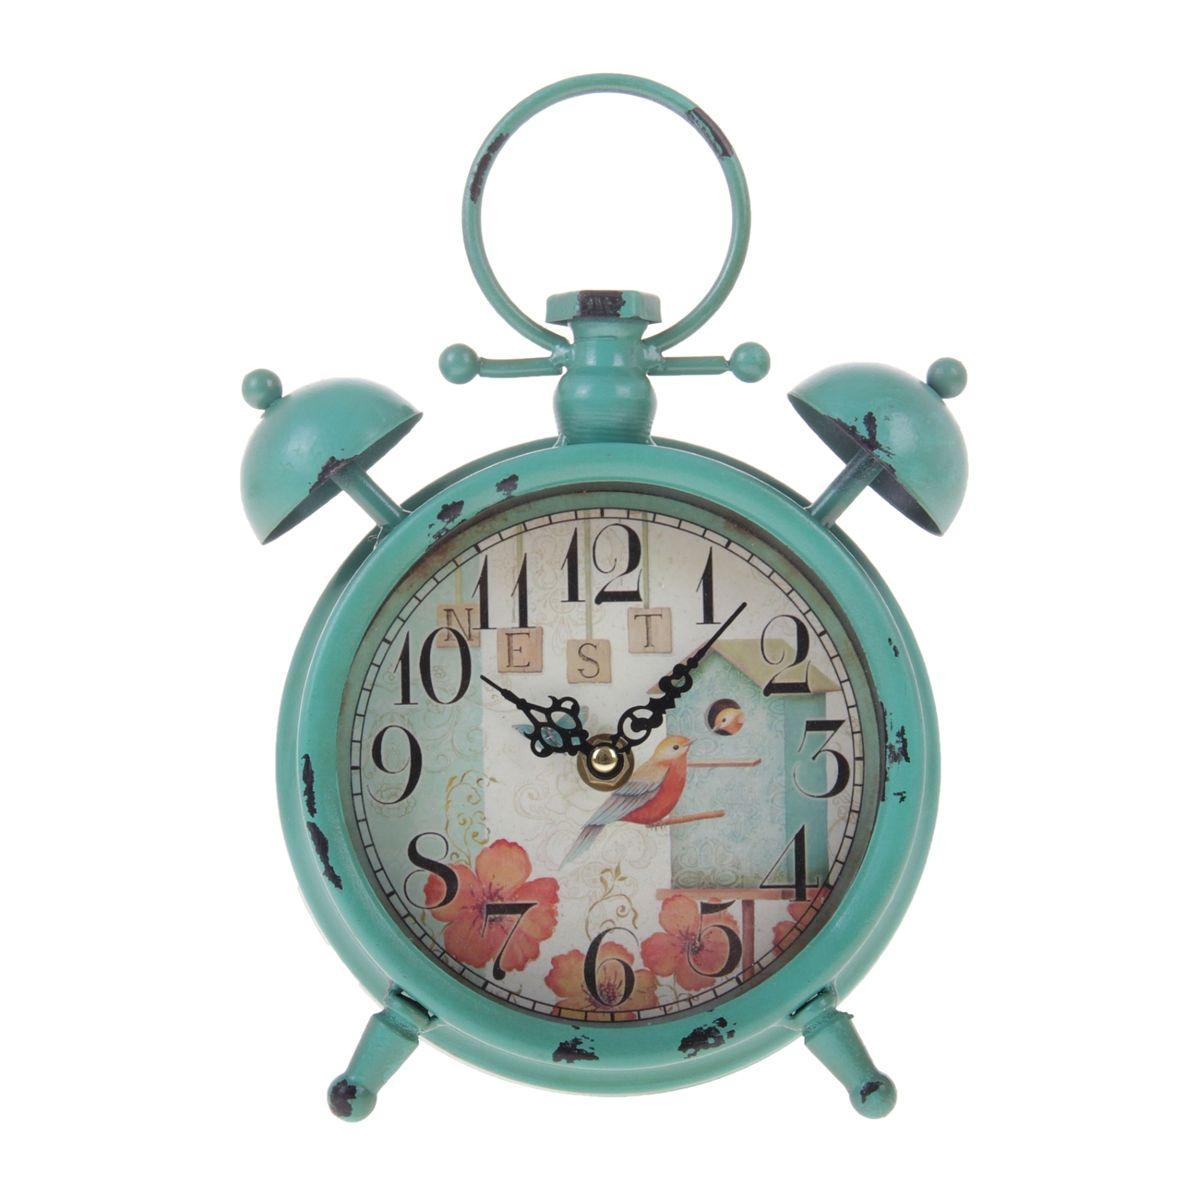 Часы настольные Sima-land Скворечник, в виде будильника, цвет: бирюзовый, диаметр 12,5 см840843Настольные часы Sima-land Скворечник своим эксклюзивным дизайном подчеркнут оригинальность интерьера вашего дома. Изделие выполнено в форме будильника, оснащено ножками, ручкой для переноски и двумя декоративными звоночками. Часы изготовлены из металла и украшены изящным изображением птиц в скворечнике. Имеют две стрелки - часовую и минутную. Циферблат оформлен крупными арабскими цифрами и защищен стеклом. Настольные часы Sima-land Скворечник станут прекрасным аксессуаром для вашего дома, либо прекрасным подарком, который обязательно понравится получателю. Часы работают от 1 батарейки типа АА (в комплект не входит).